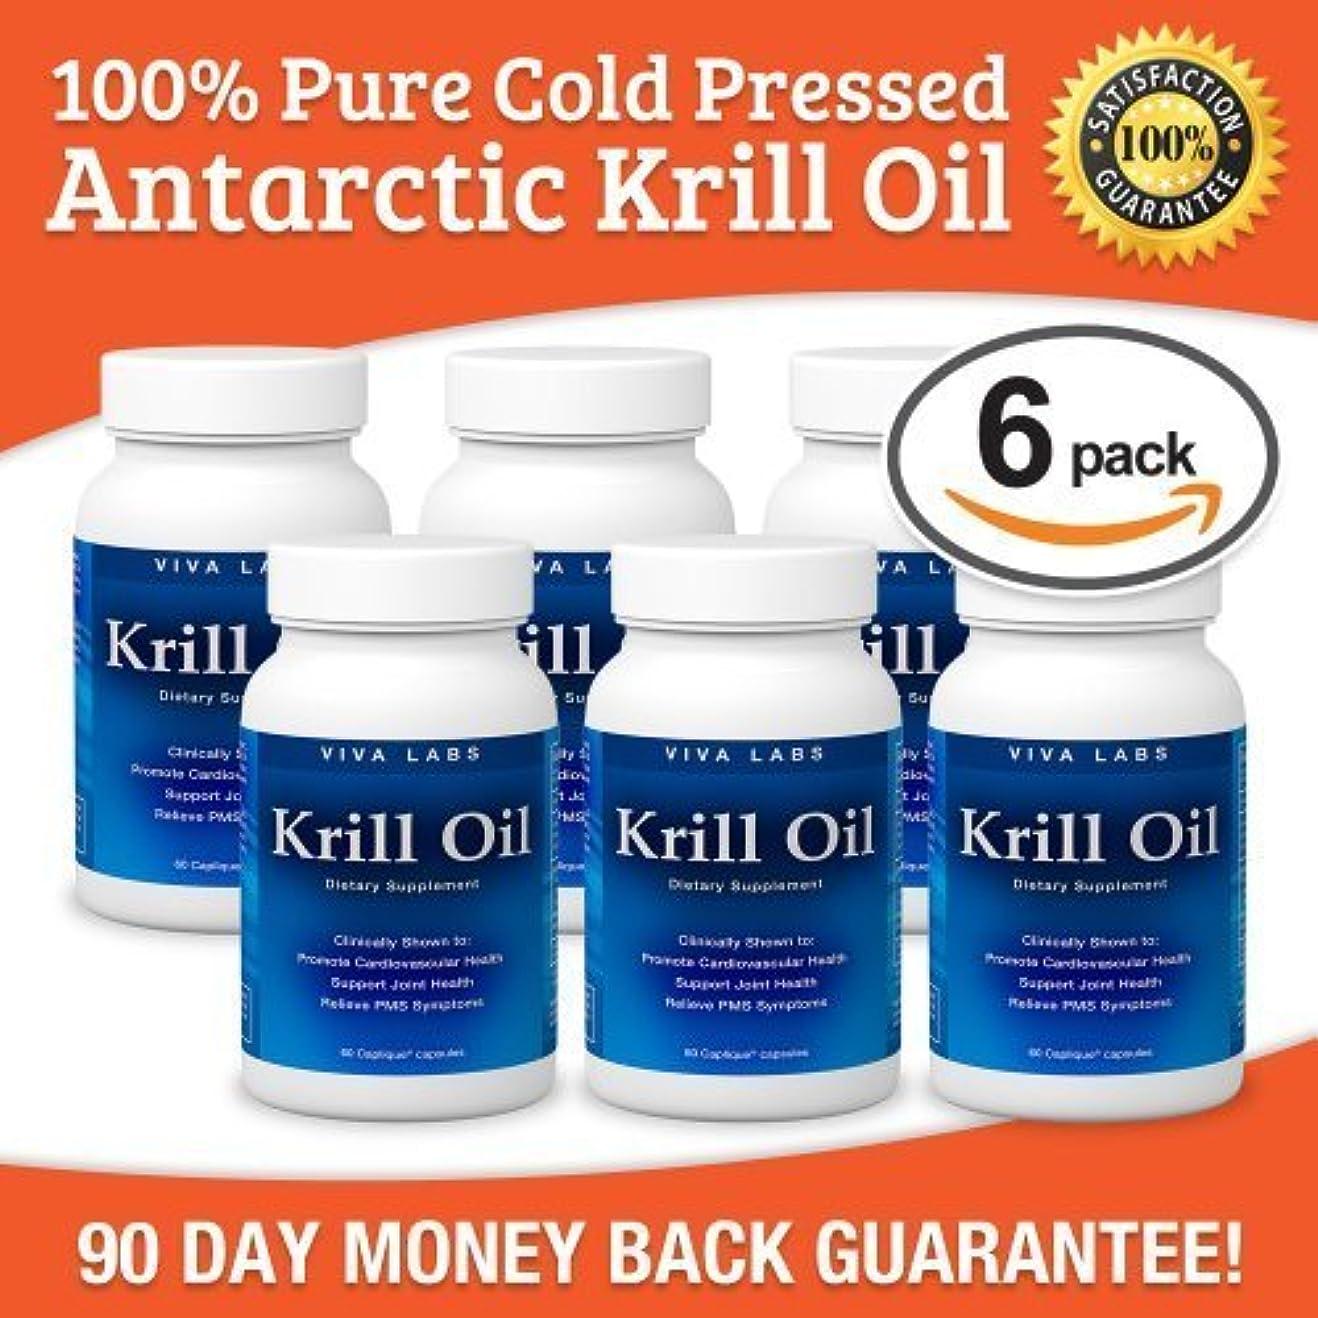 まっすぐにする小屋通りEverest Nutrition Krill Oil - 100% Pure Cold Pressed Antarctic Krill Oil - More Omega-3's: Highest Levels of DHA...